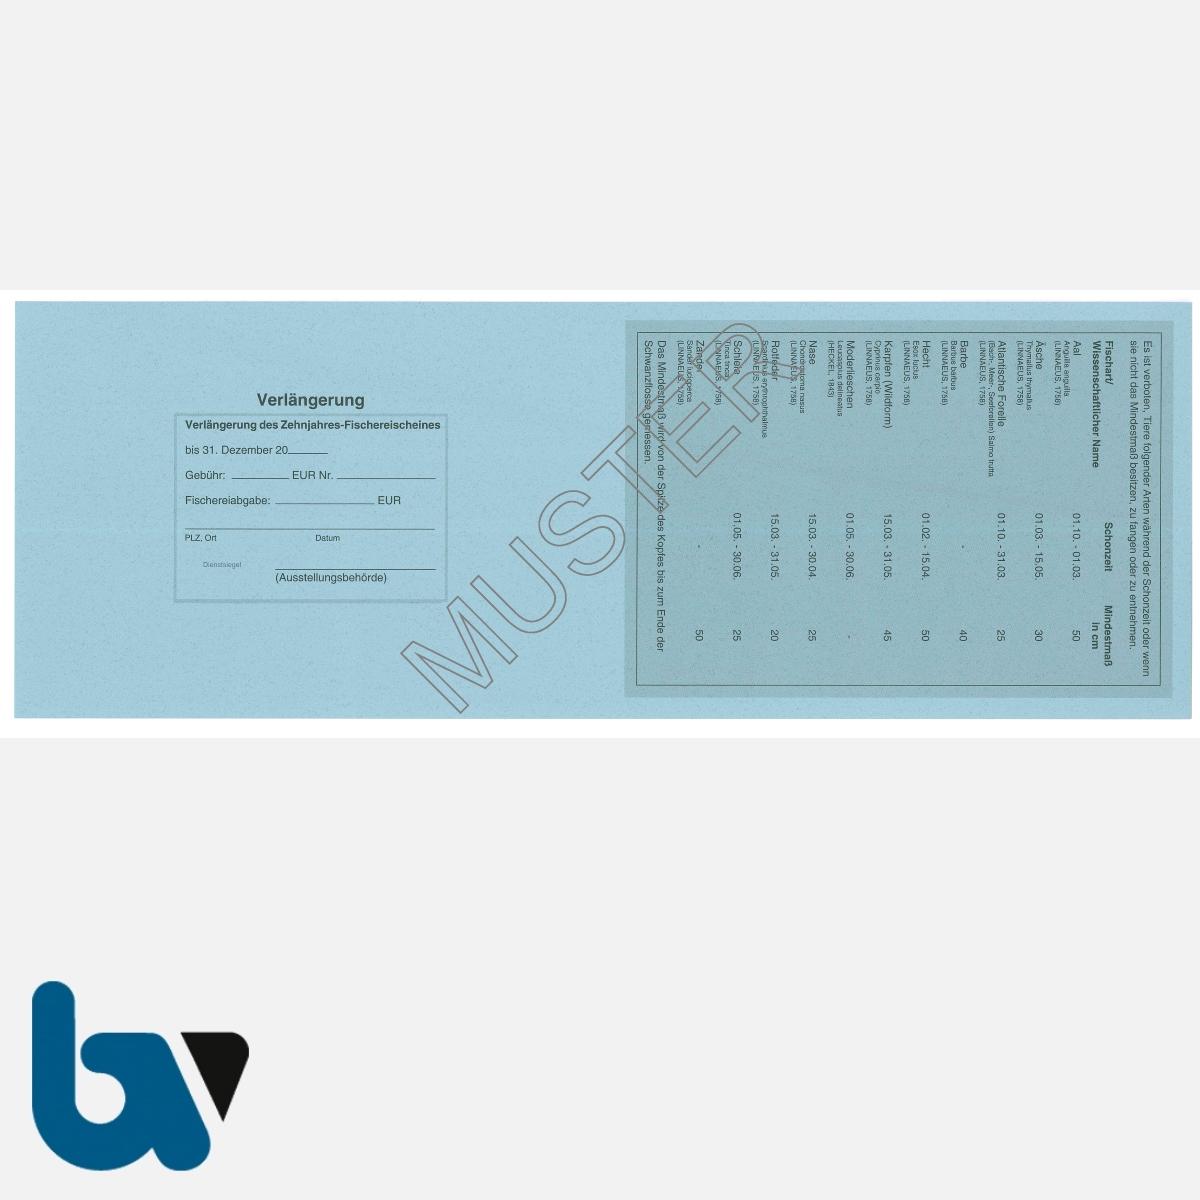 3/456-2 Zehnjahresfischereischein Hessen blau Neobond Muster RS | Borgard Verlag GmbH